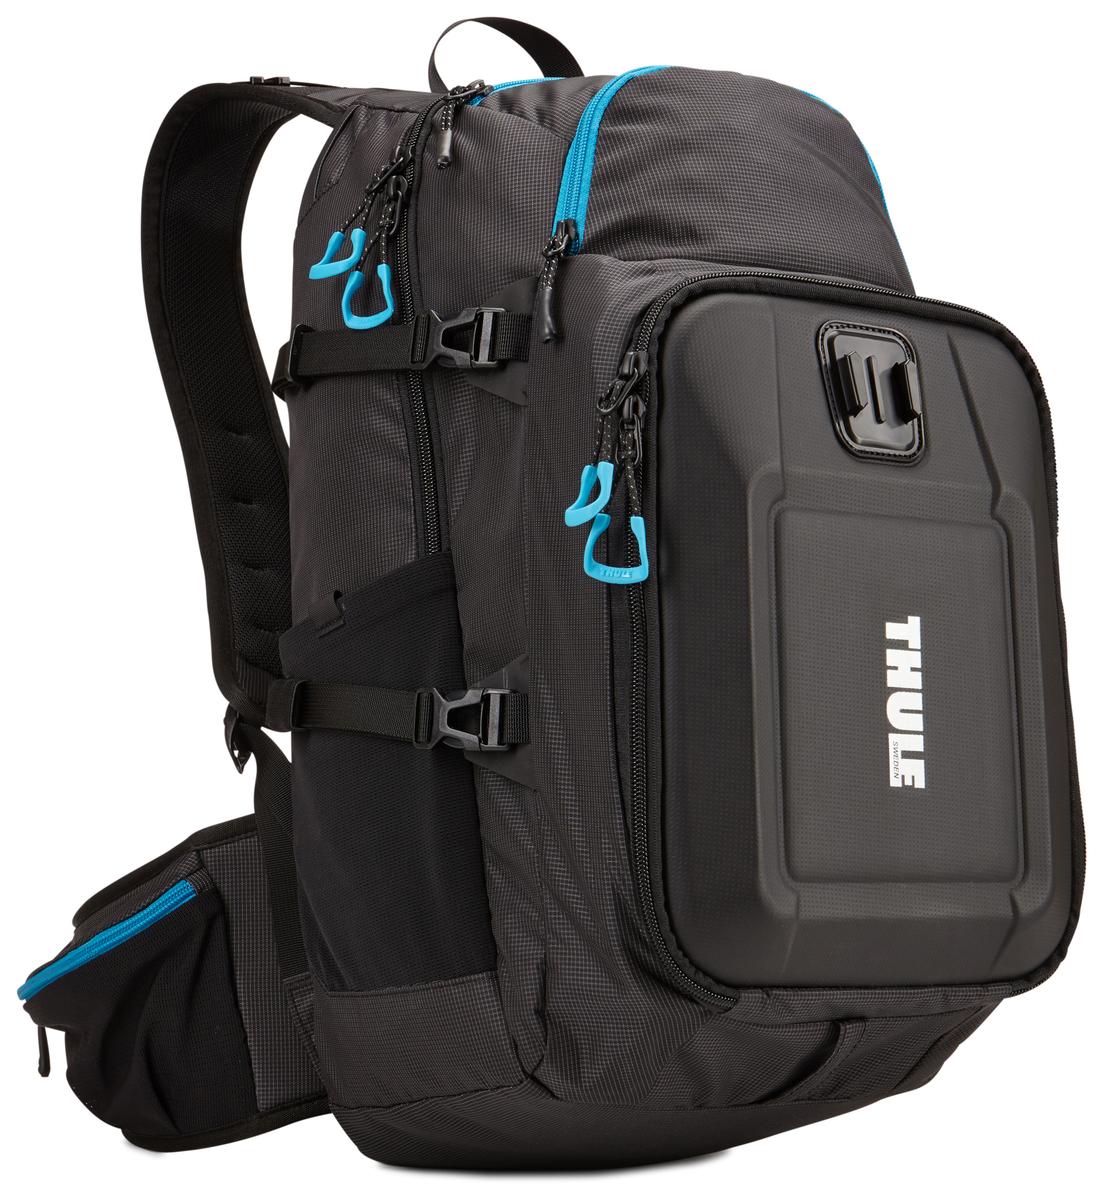 Рюкзак для экшн-камеры Thule Legend GoPro Backpack, цвет: черный, 36 x 16.5 x 49.5 см3203102Тонкий рюкзак для камеры GoPro со встроенными креплениями позволит запечатлеть ваше путешествие с различных ракурсов. Ударопрочный отсек с мягкой подкладкой позволяет хранить до трех камер GoPro, LCD Touch BacPac, пульт дистанционного управления, запасные аккумуляторы и SD-карты. Съемная подкладка из прессованной пены облегчает очистку внутренней поверхности от пыли, грязи, песка и пр. Встроенные крепления позволяют установить две камеры GoPro и вести съемку с нескольких ракурсов. В жестком кармане можно хранить зарядные устройства и кабели. Отдельный отсек для штативов и ремней. Благодаря конструкции с обтекаемой формой и малым весом сумка не мешает отдыху. Специальное отделение для бутылки с водой (бутылка в комплект не входит). Большие язычки на молниях обеспечивают удобство доступа даже в том случае, если на вас надеты перчатки. Поясной и нагрудный ремни обеспечивают комфорт и улучшенную фиксацию. Легкодоступные боковые карманы на поясном ремне для iPhone или многофункционального ножа.